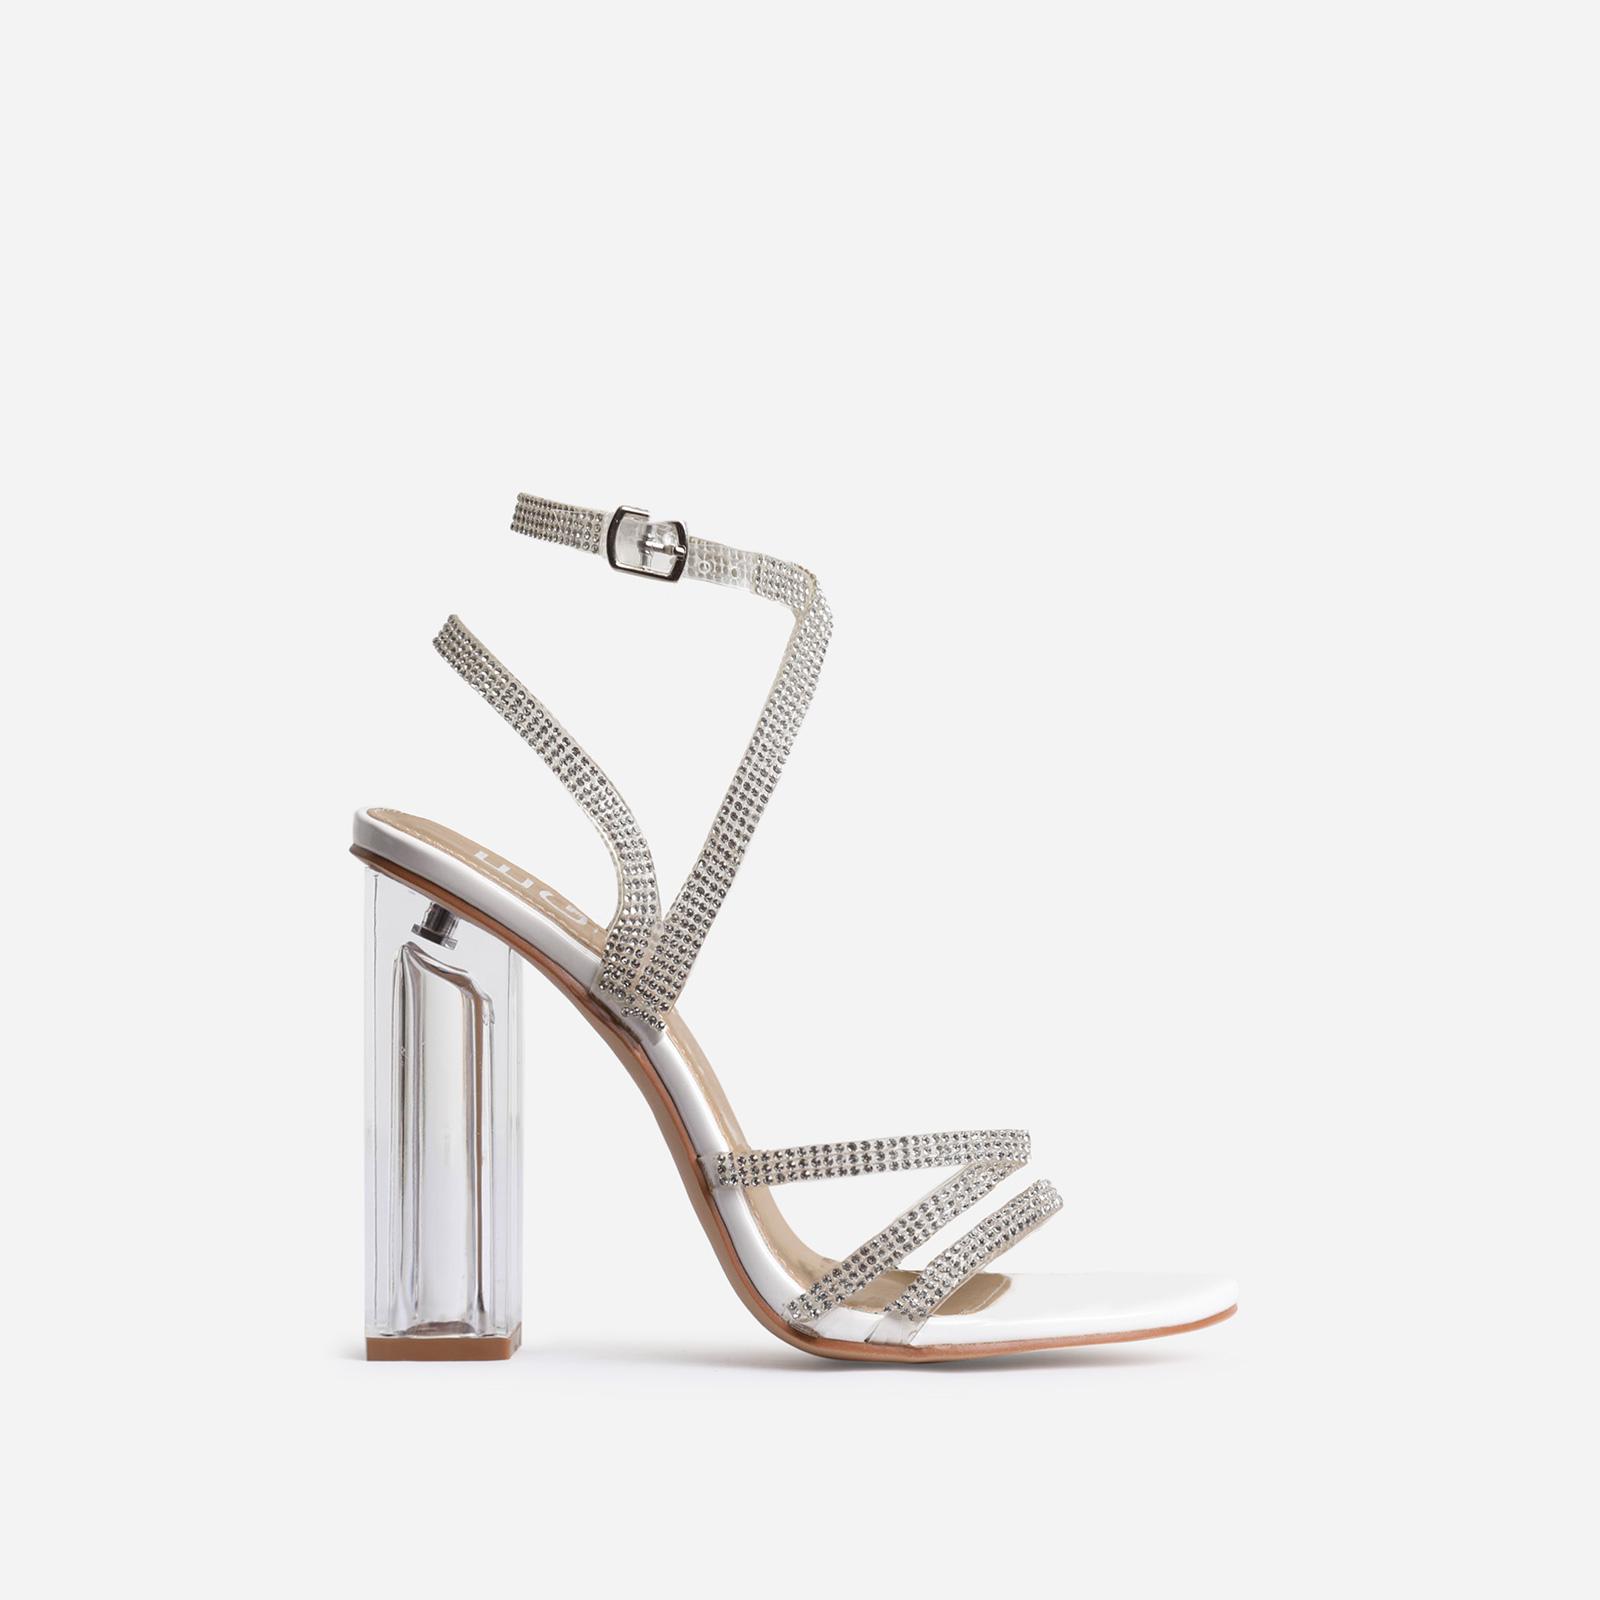 Dash Diamante Detail Perspex Block Heel In White Patent